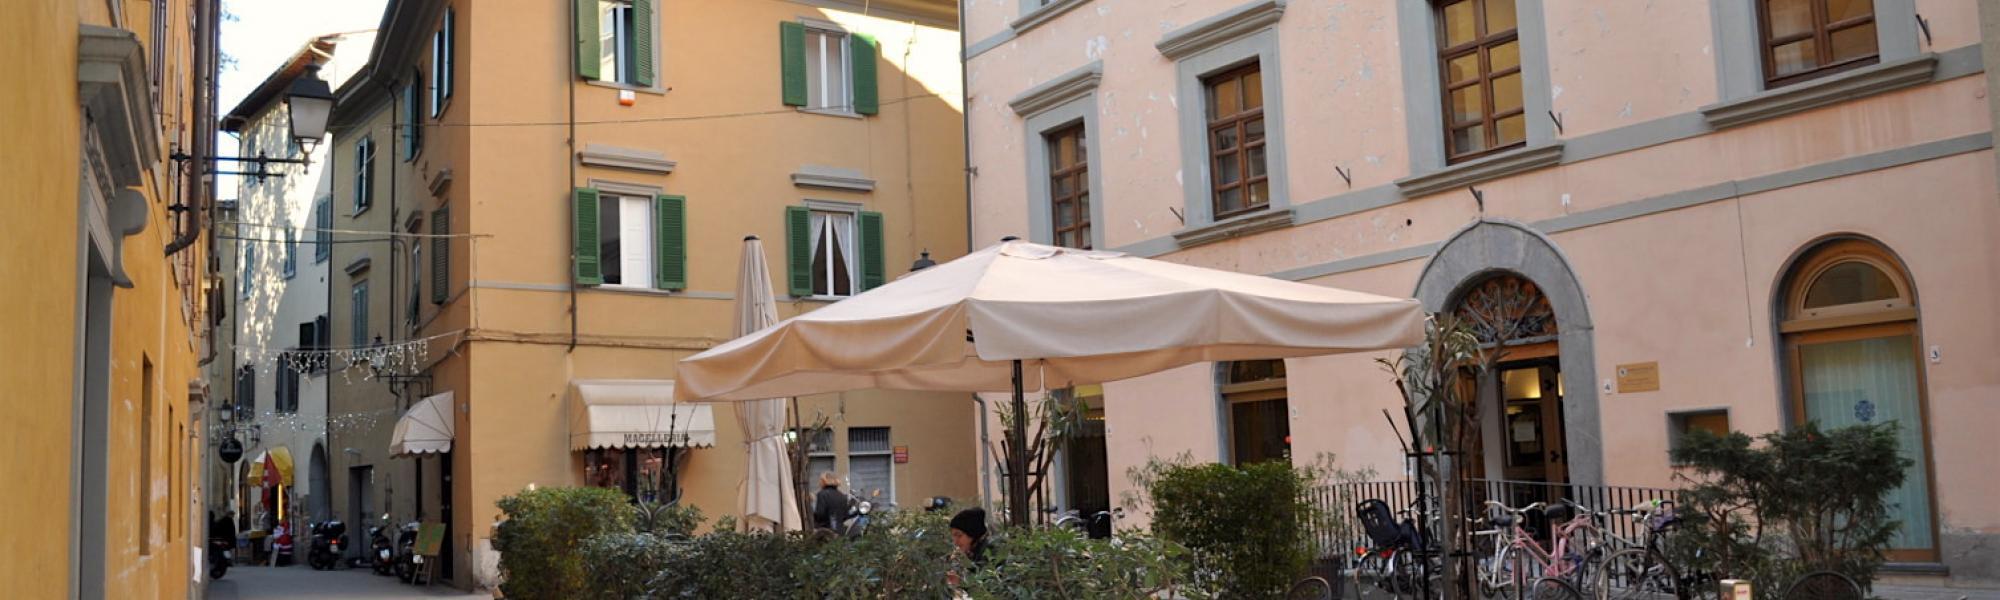 Piazza dei Grilletti (G. Gattiglia)